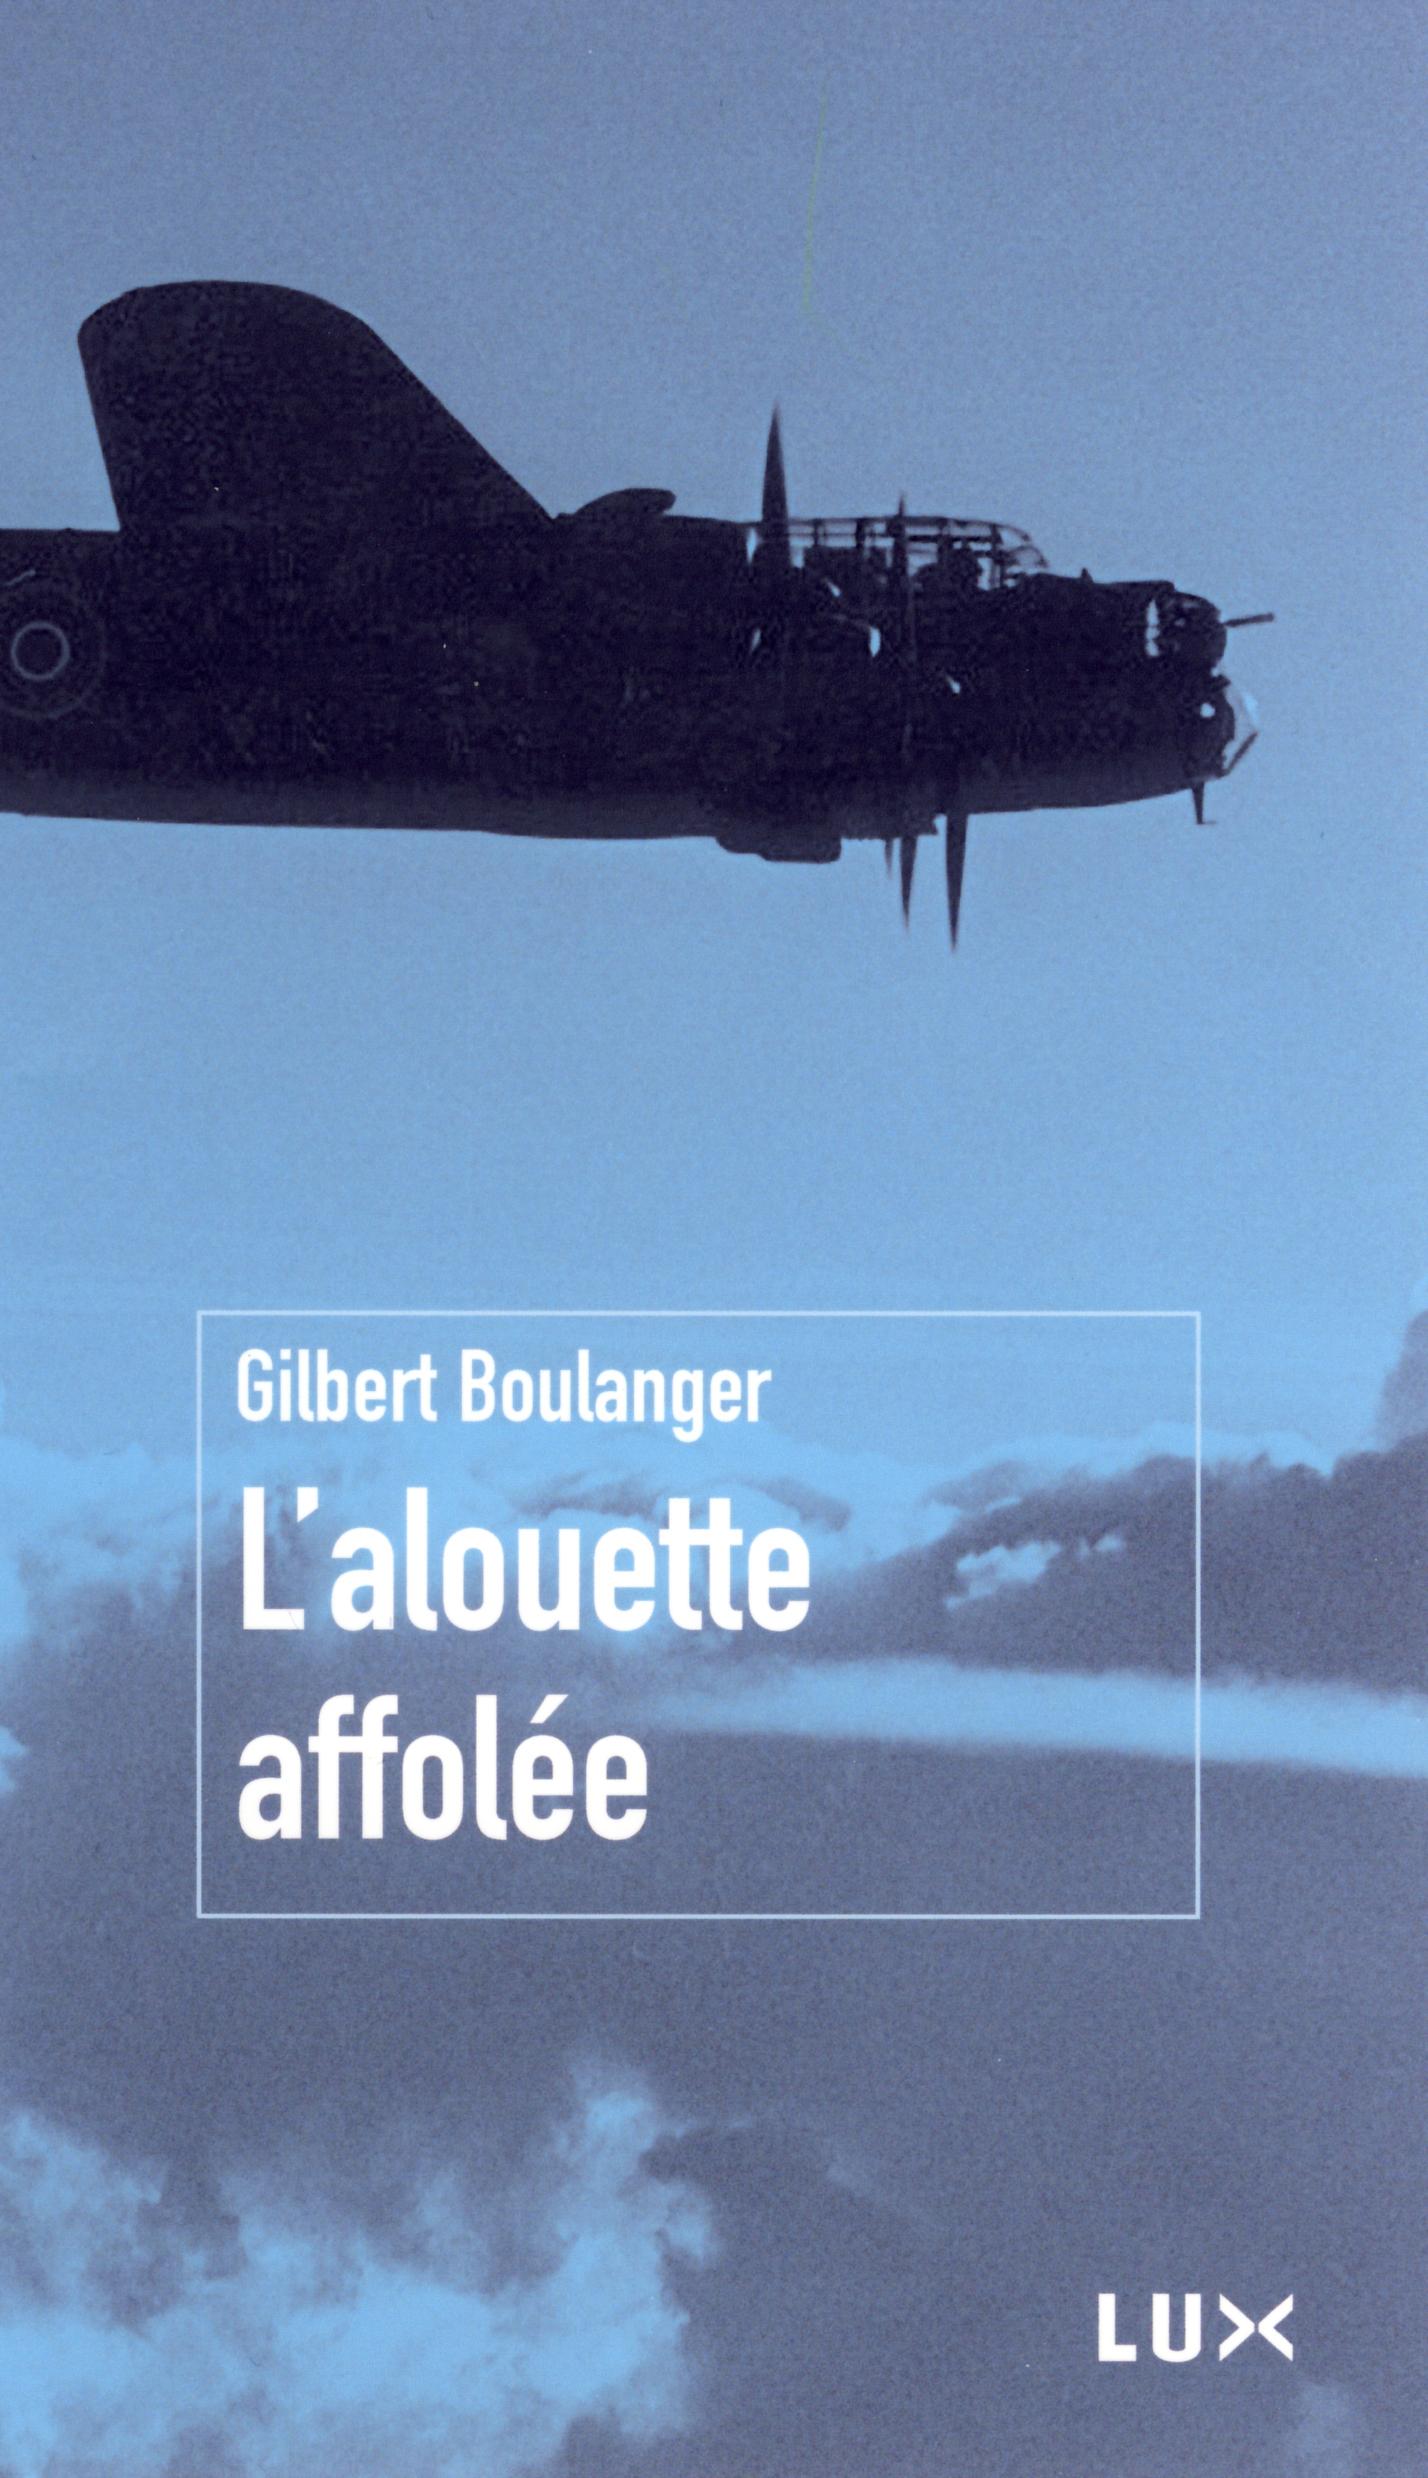 Couverture : Alouette affolée (L') Gilbert Boulanger